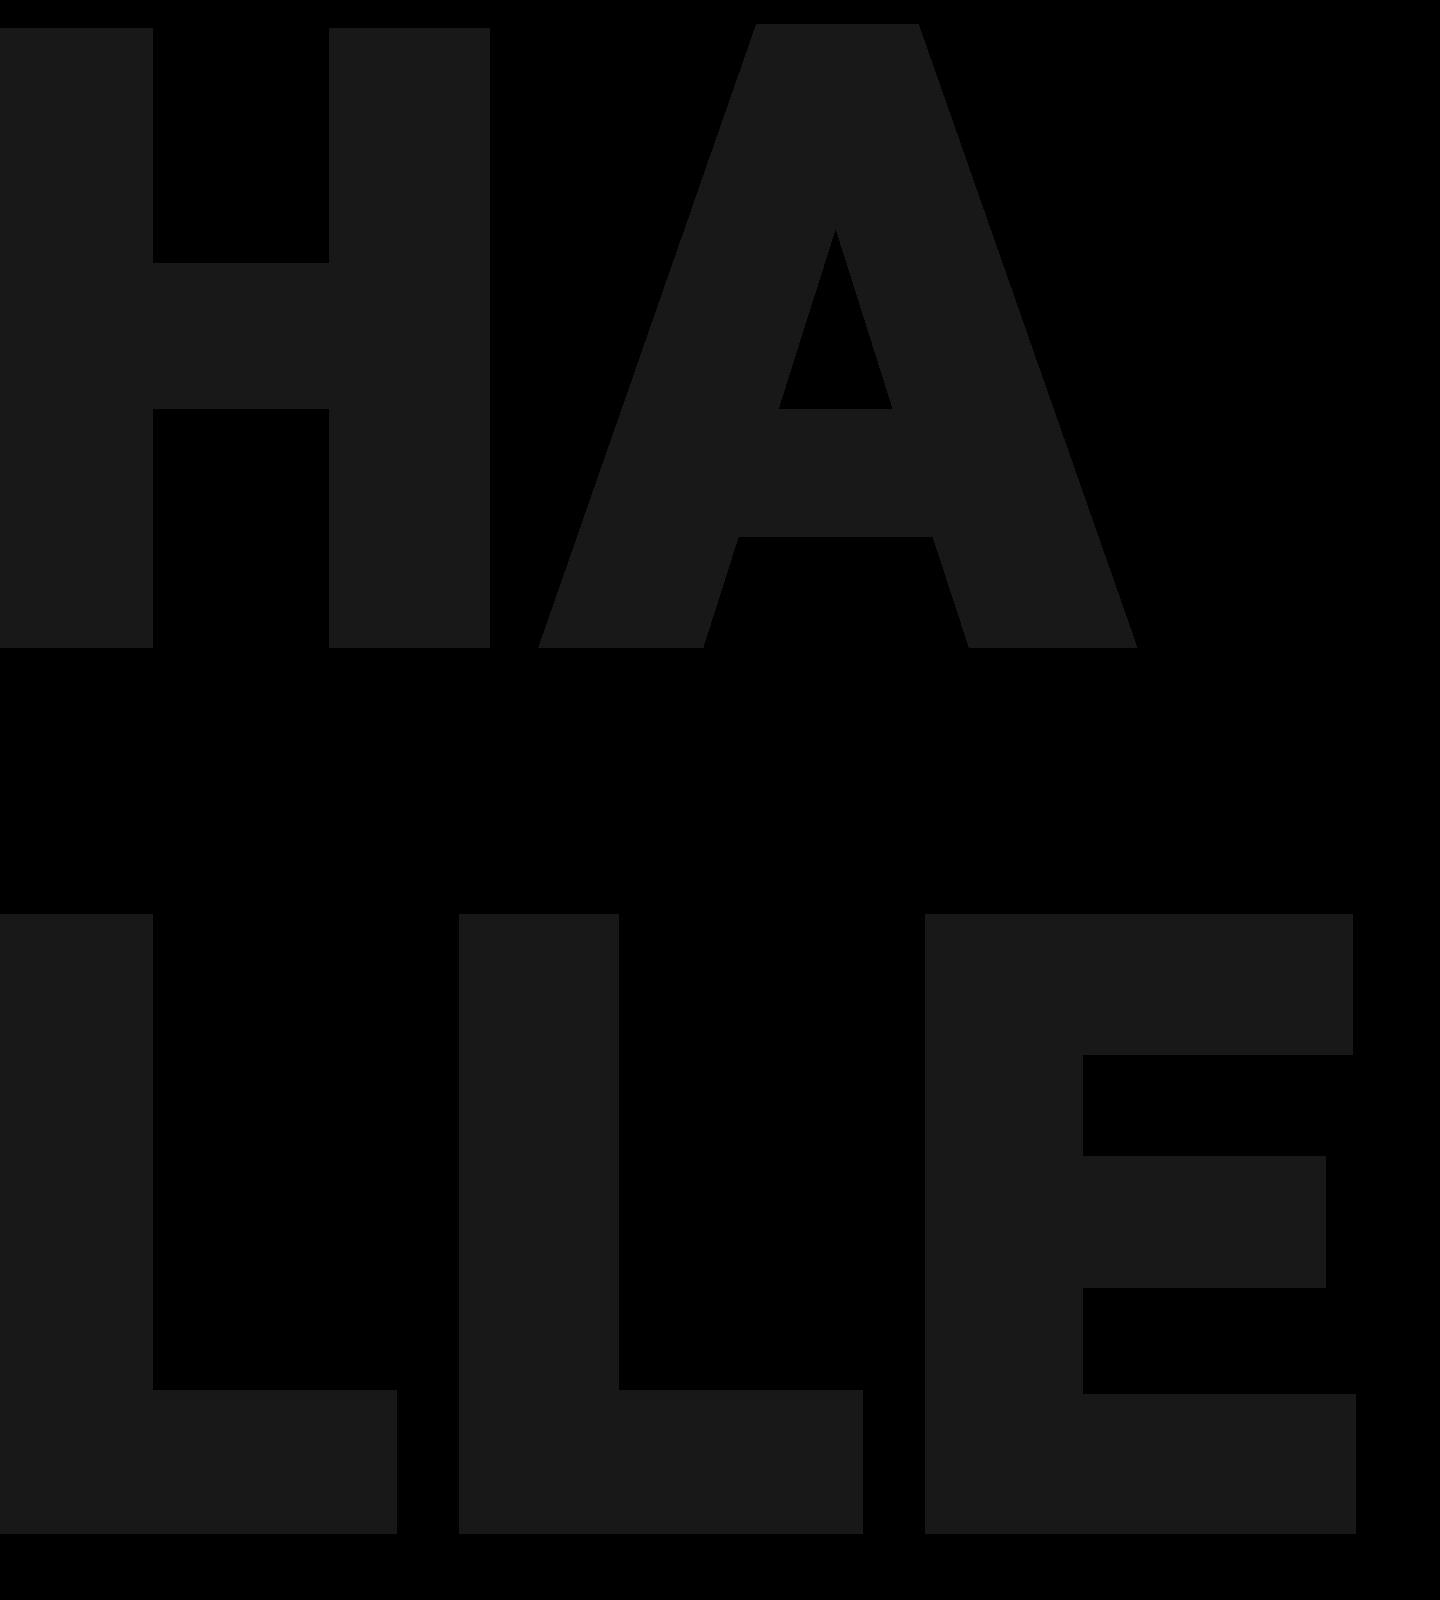 TCS Neuheiten Broschüre Halle Bourdonné Design